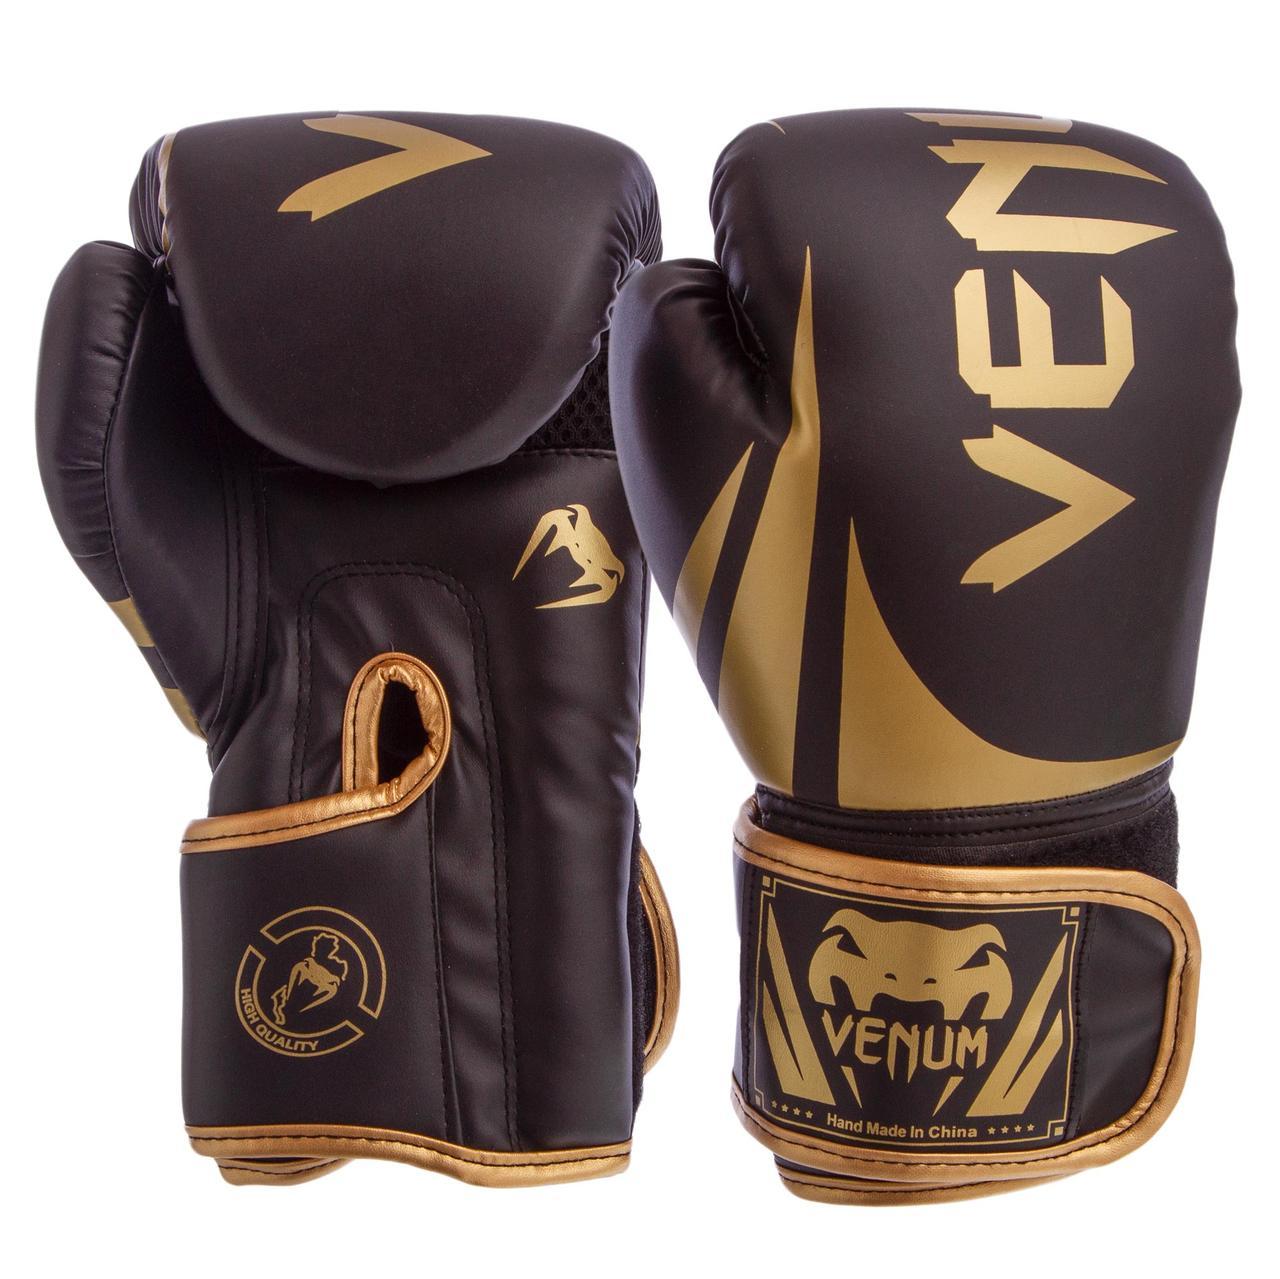 Тренувальні боксерські рукавички Venum PU чорні (10oz, 12oz)